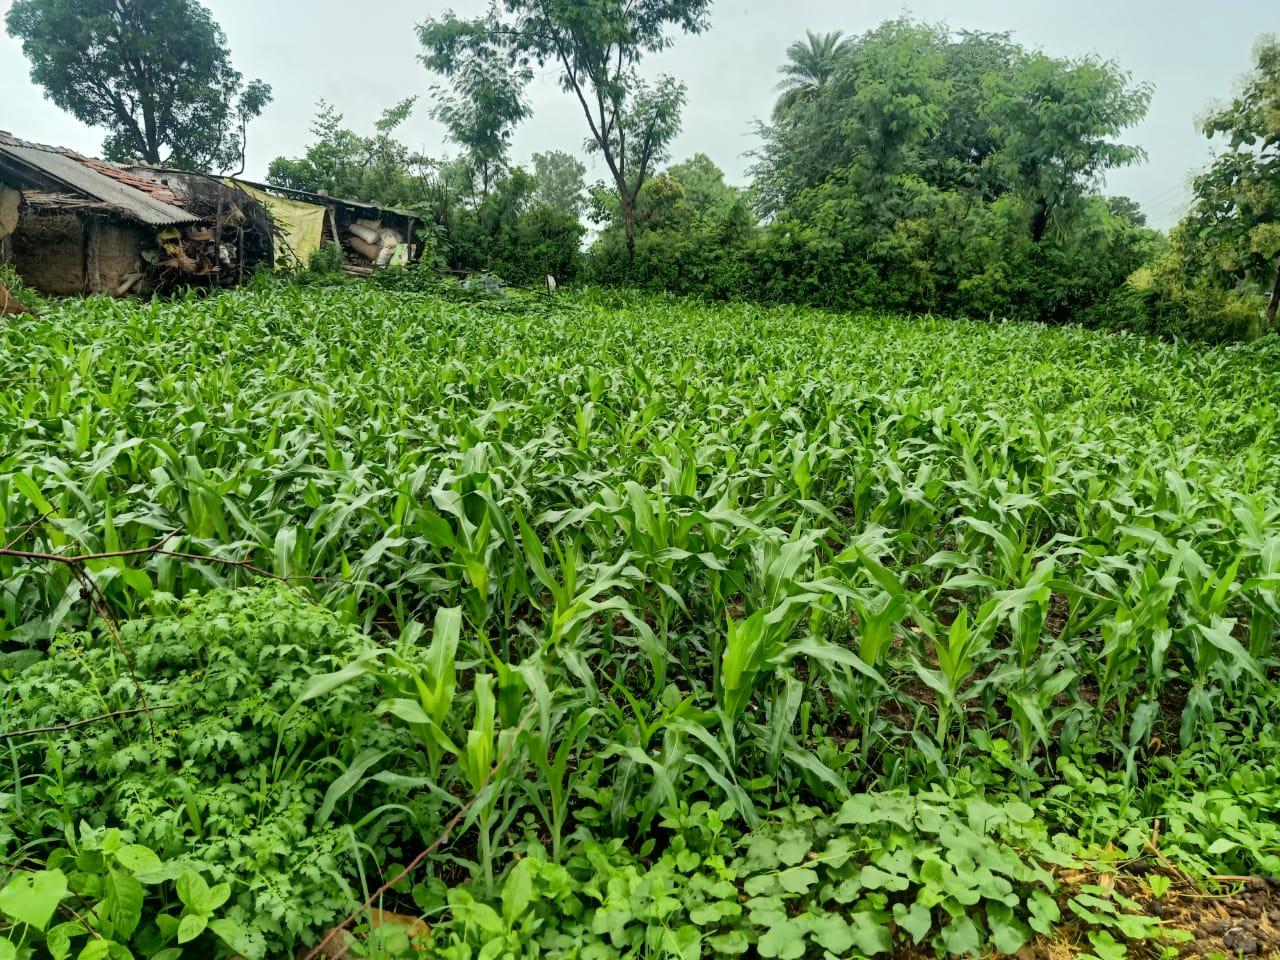 48 घंटों में दर्ज की गई 40.5 मिमी बारिश, खेतों में सूख रही फसलों को मिली संजीवनी,तामिया में टूटा रिकार्ड|छिंदवाड़ा,Chhindwara - Dainik Bhaskar